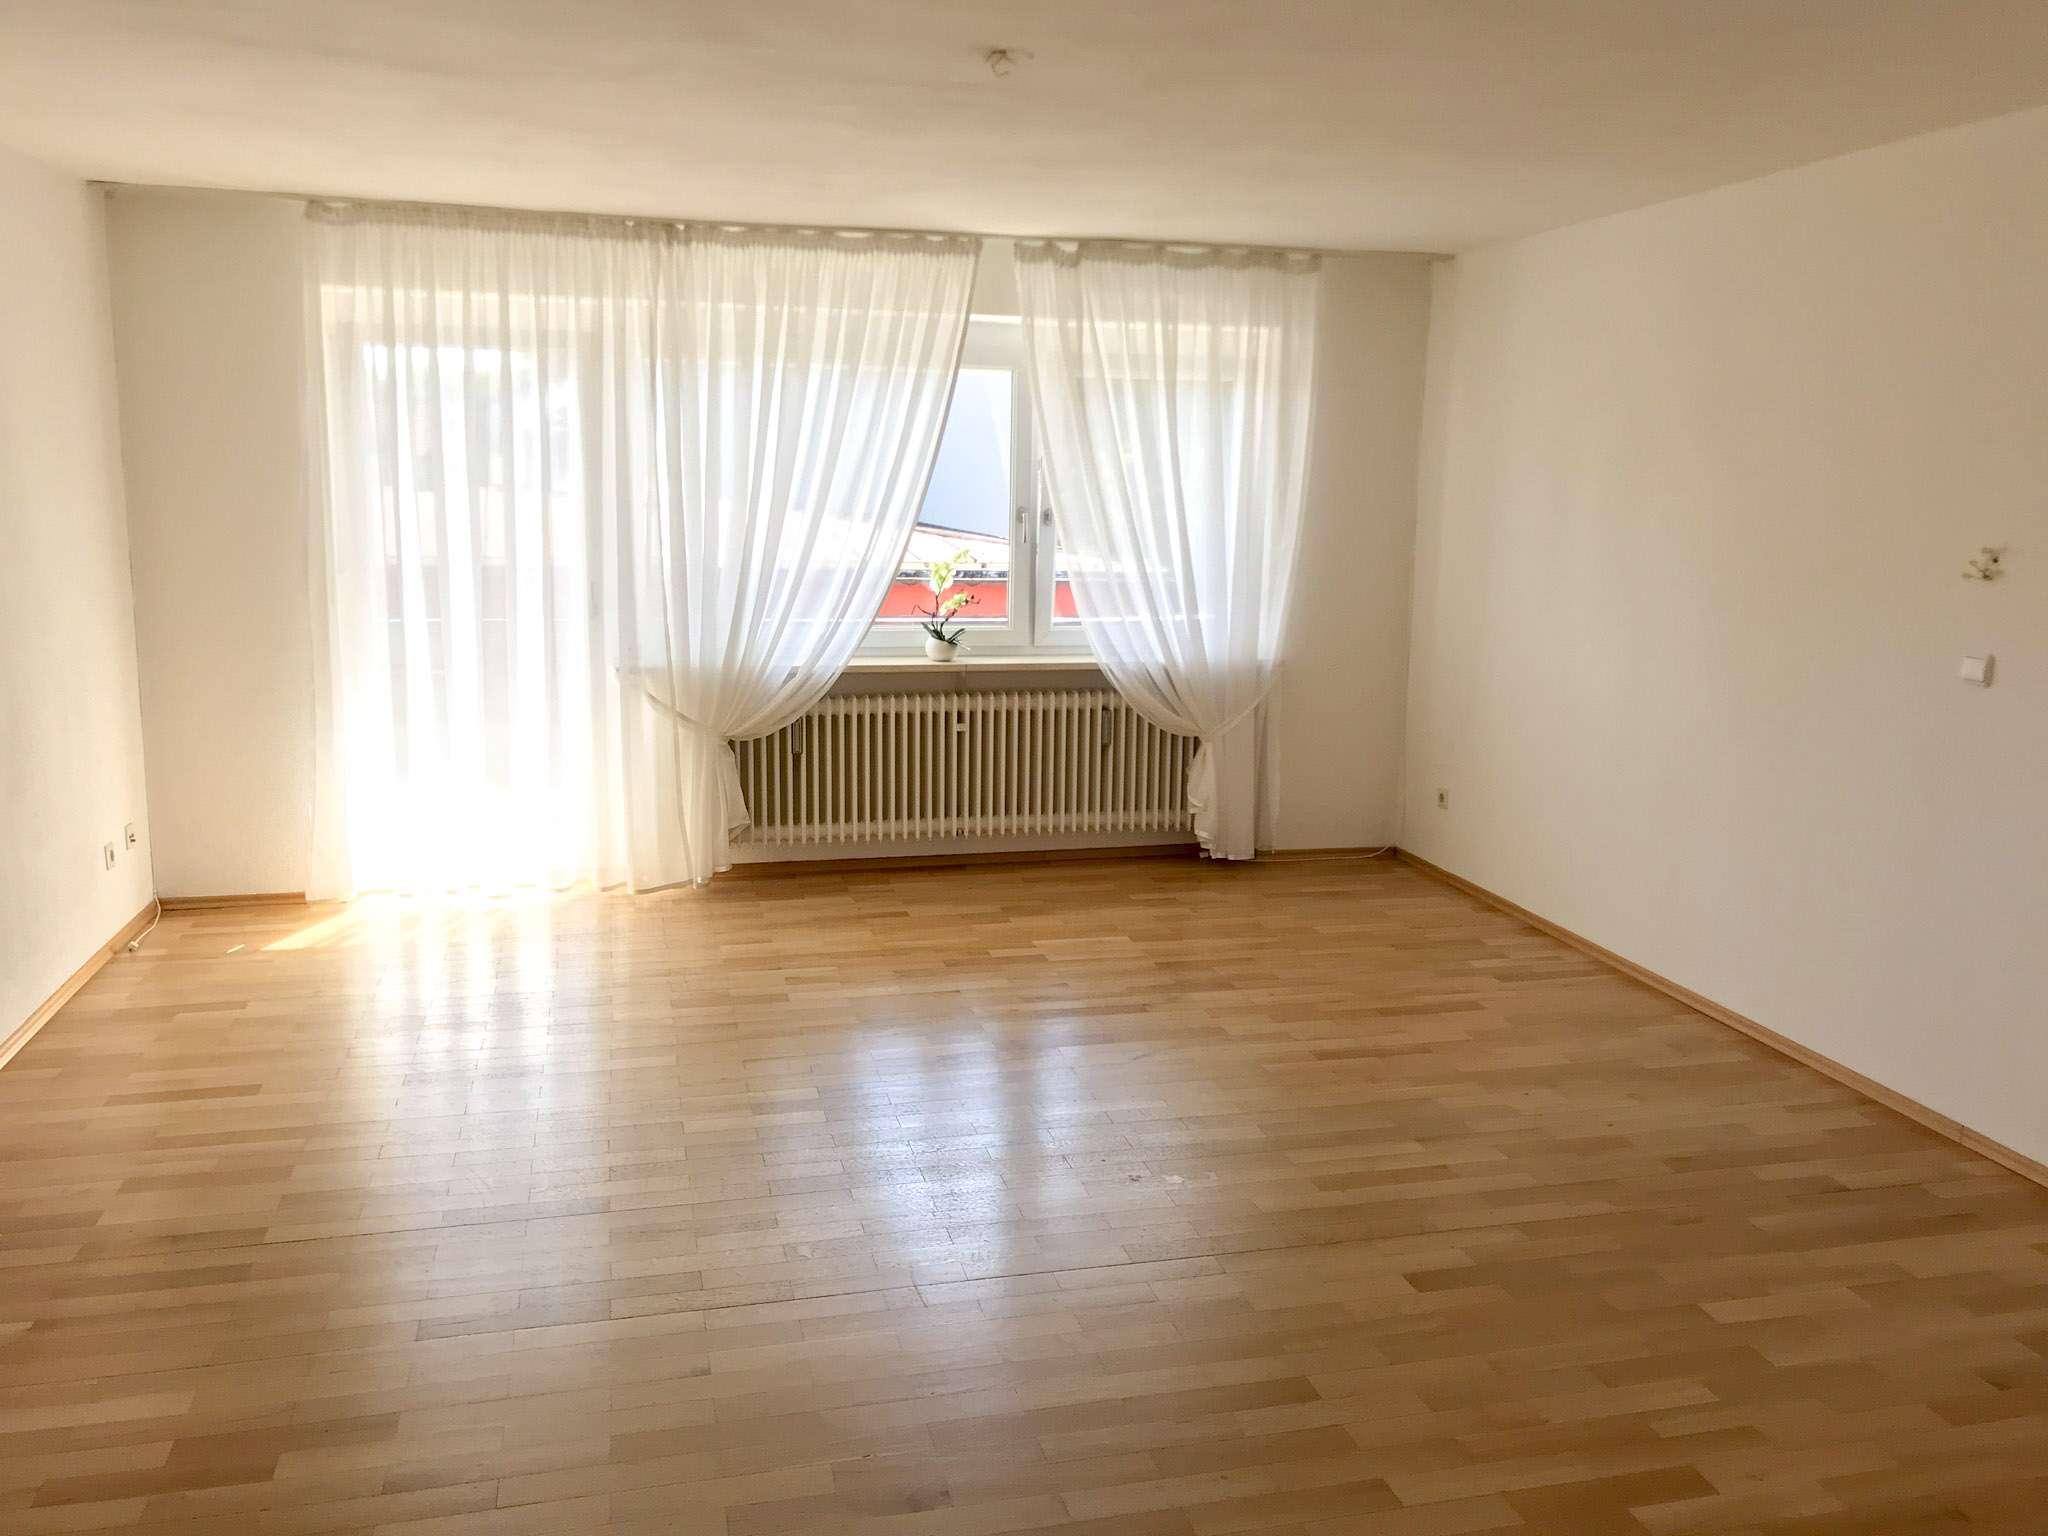 Sonnige 4 - Zi. - Wohnung,103 m², 2.OG,großer Südbalkon,zentrale Lage nähe Schulzentrum / AlzChem